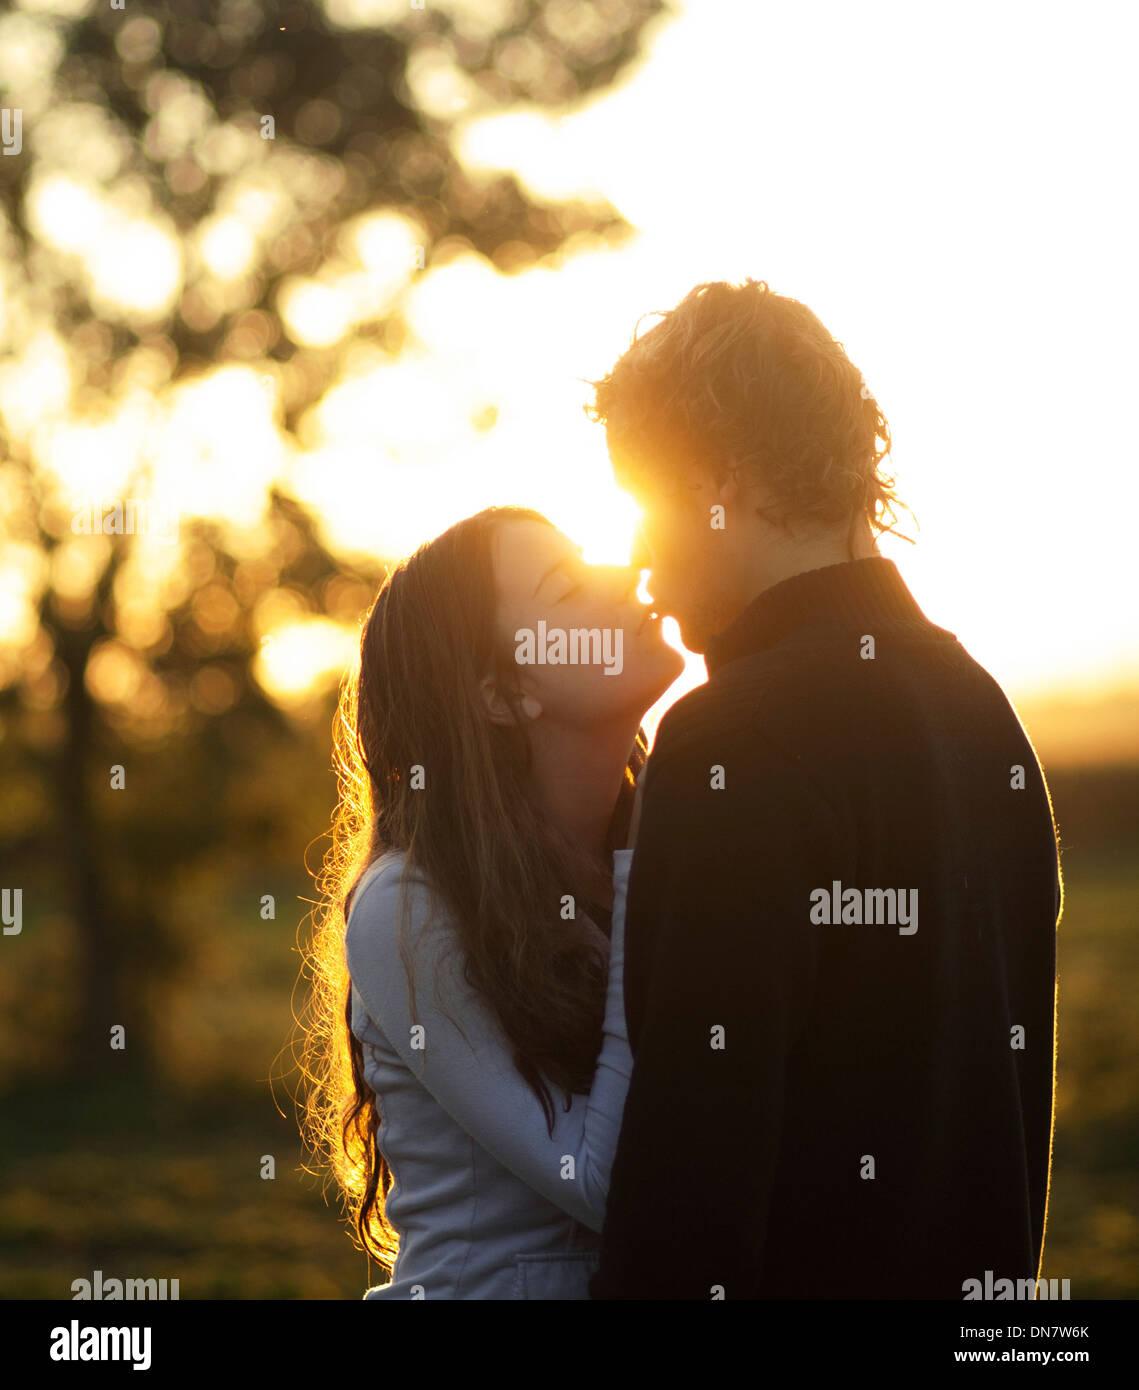 Liebendes Paar küssen bei Gegenlicht Stockbild